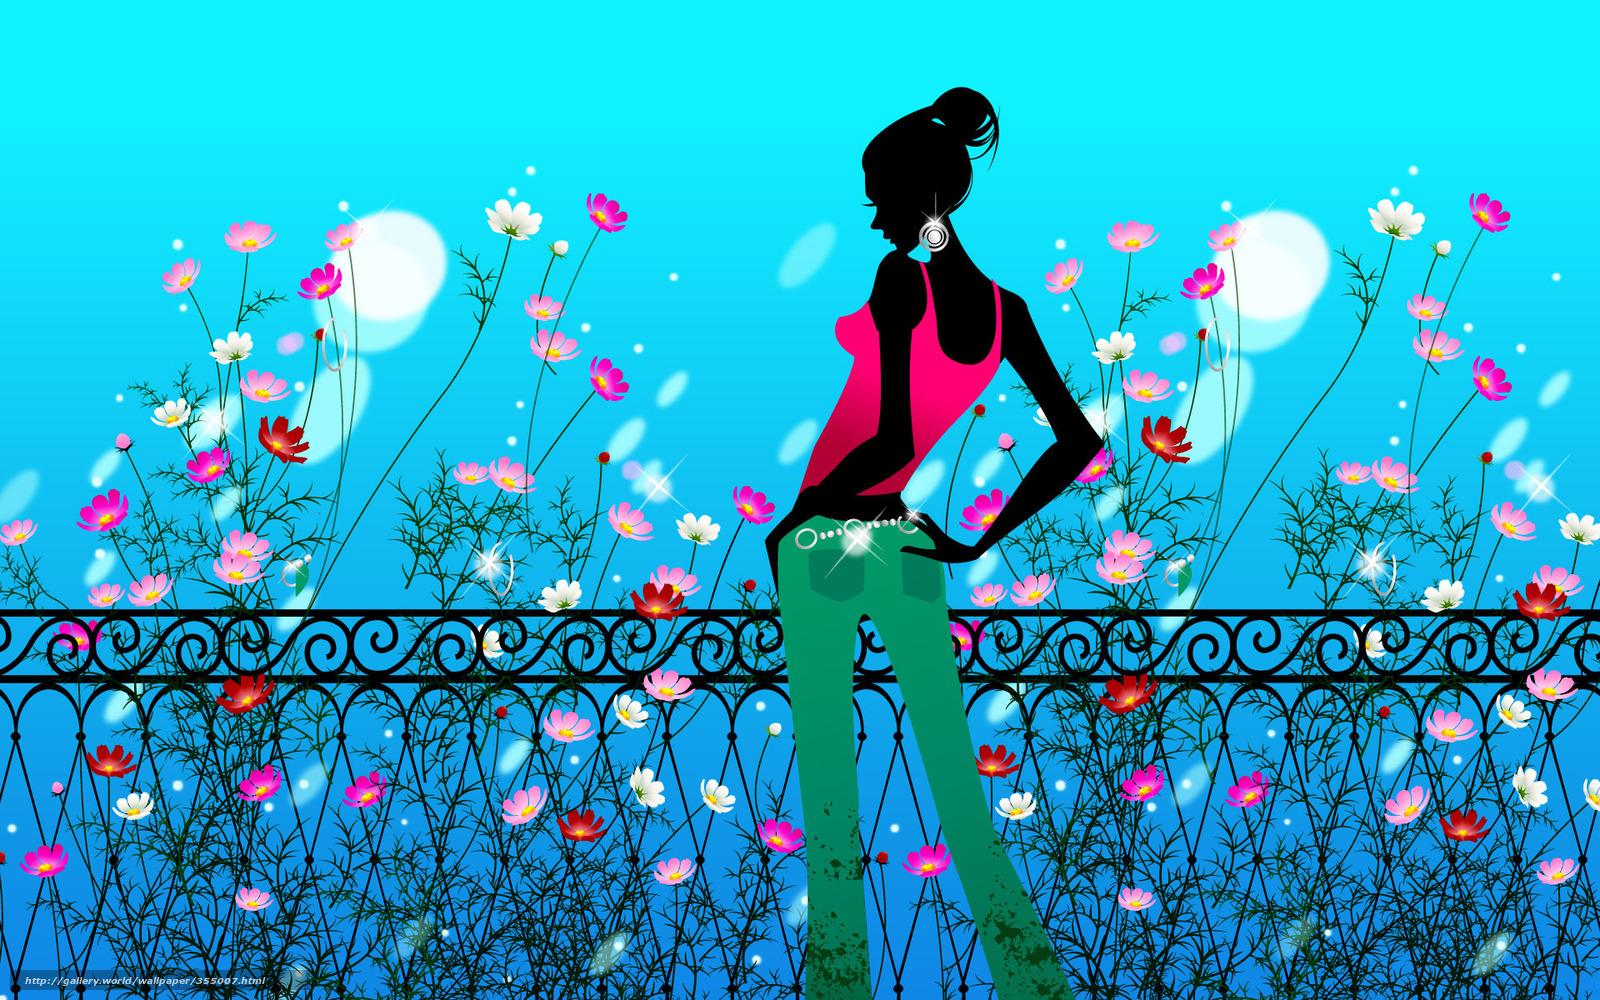 tlcharger fond d 39 ecran dessin fille fleurs kosmeya fonds d 39 ecran gratuits pour votre. Black Bedroom Furniture Sets. Home Design Ideas